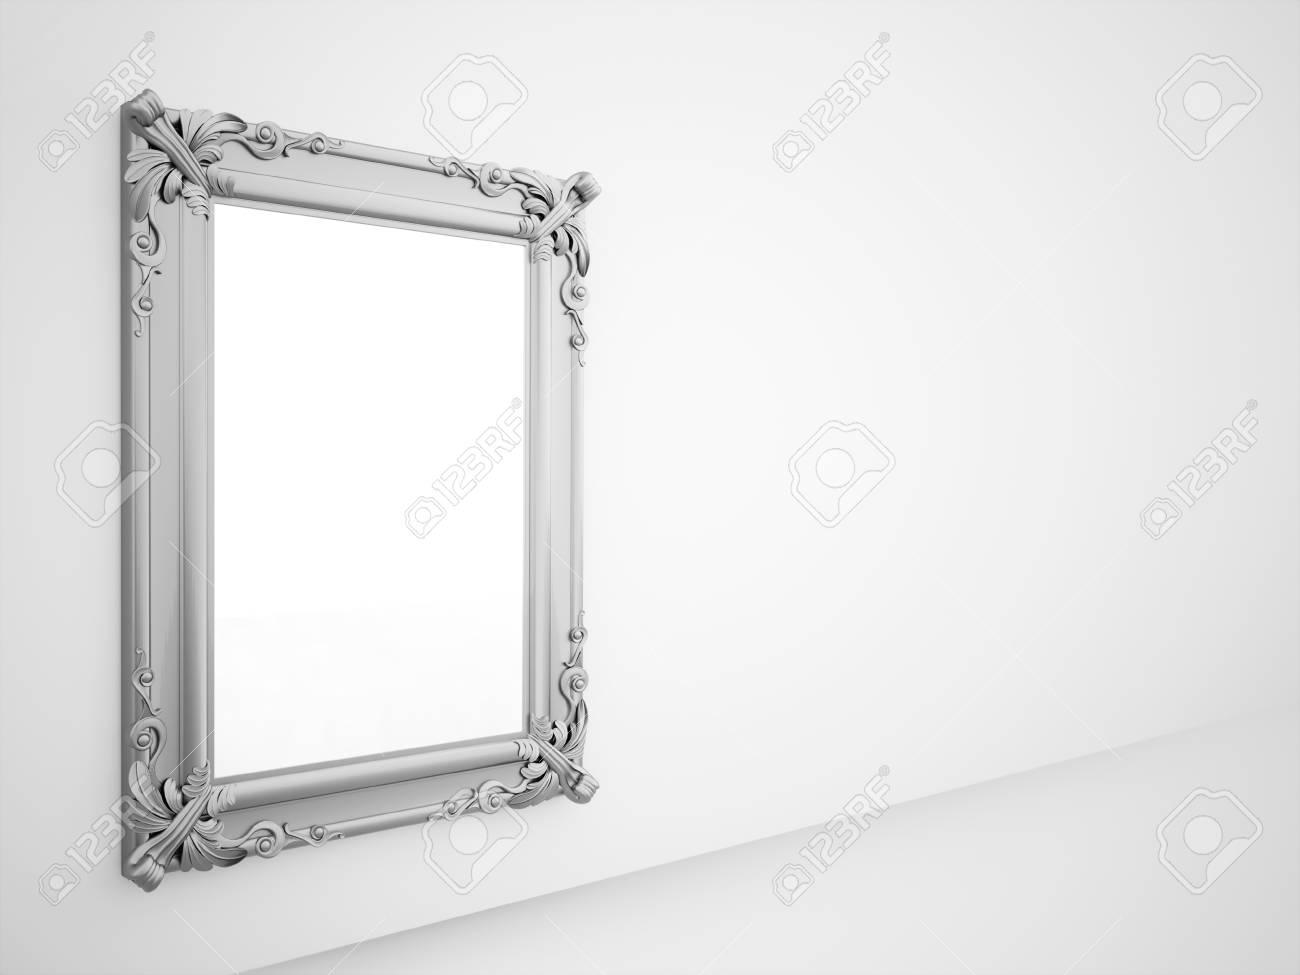 Espejo Con Marco De Plata De época Prestados Fotos, Retratos ...